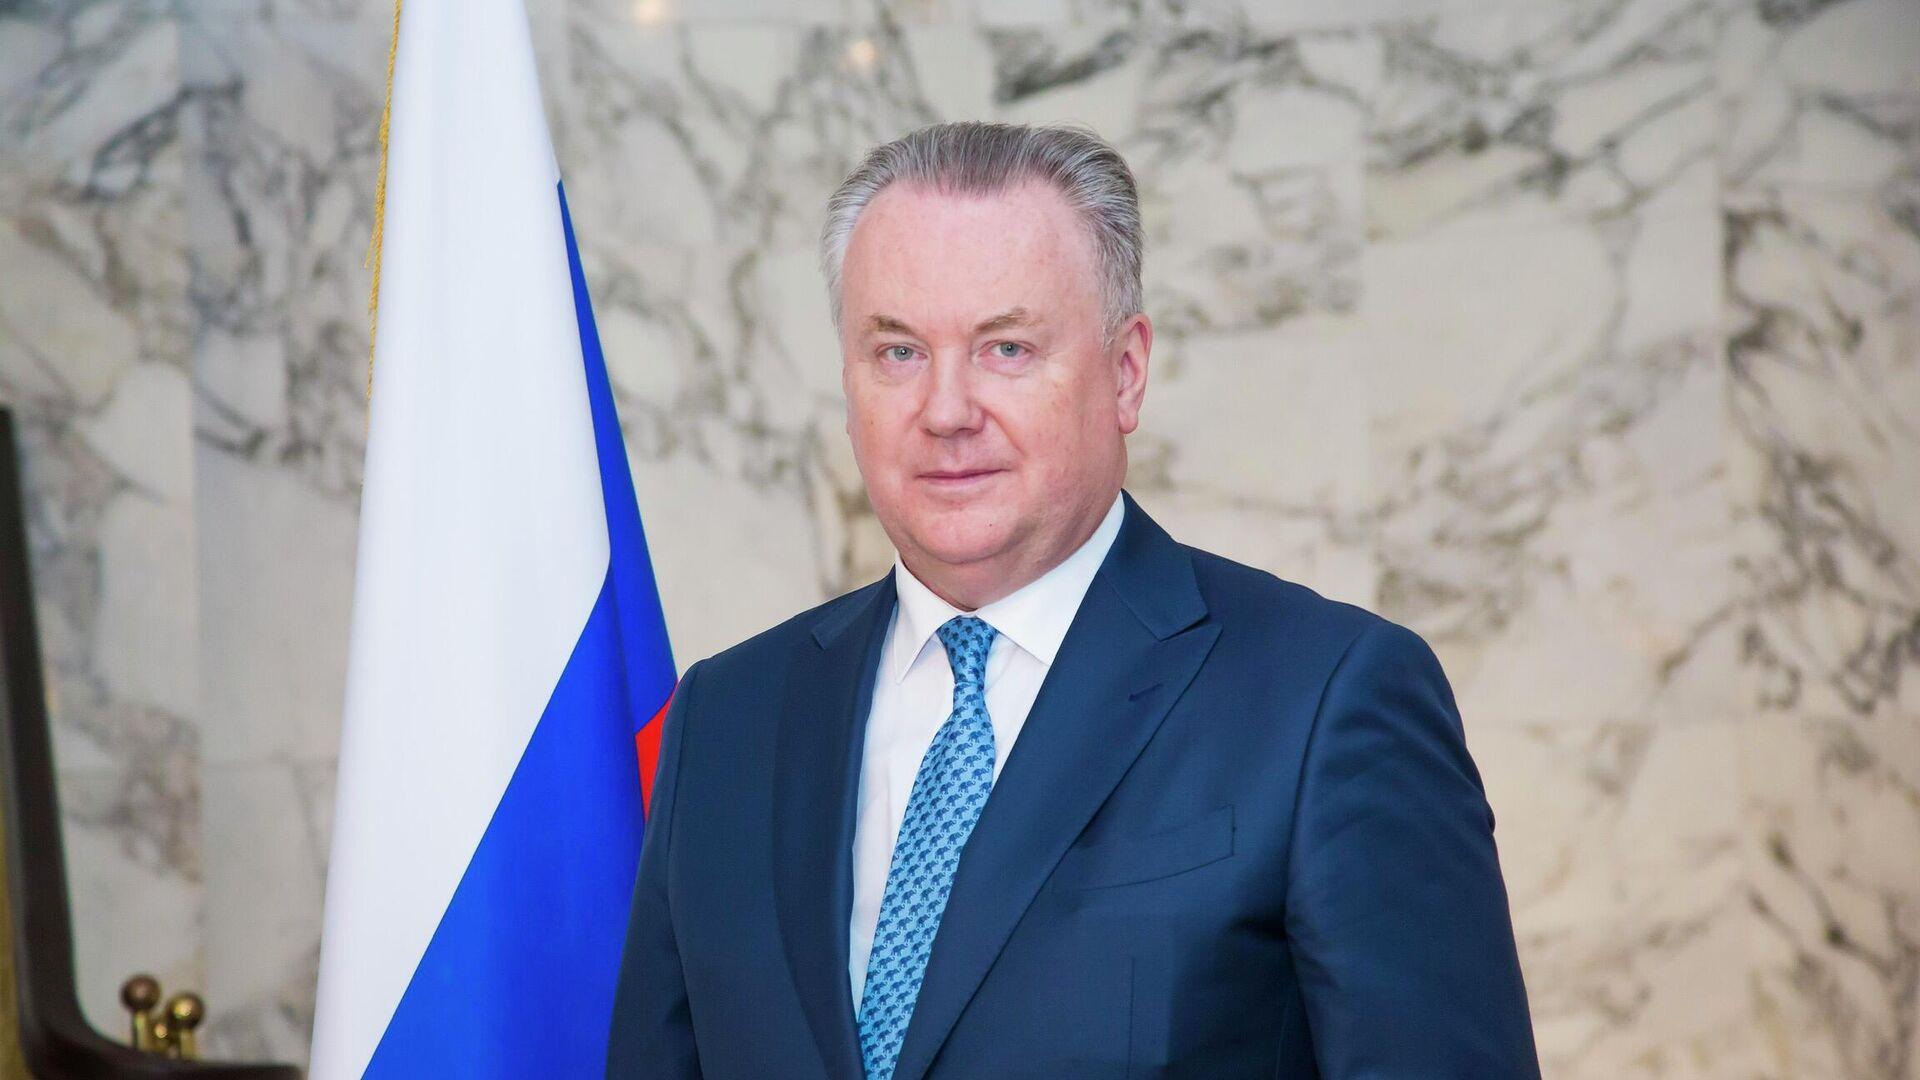 Постоянный представитель РФ при Организации по безопасности и сотрудничеству в Европе Александр Лукашевич  - РИА Новости, 1920, 13.05.2021